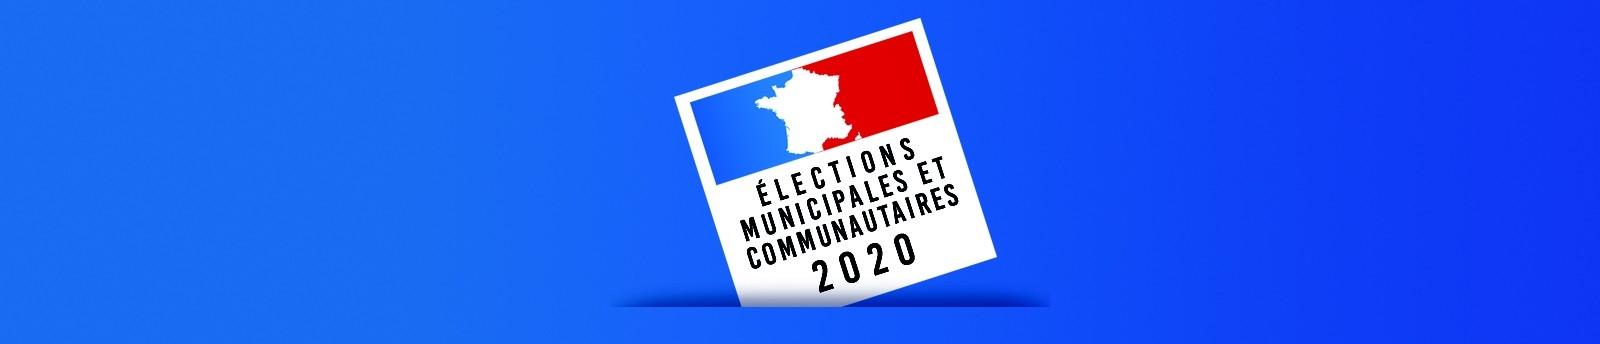 Service De Consultation Des Listes Electorales Marseille Services